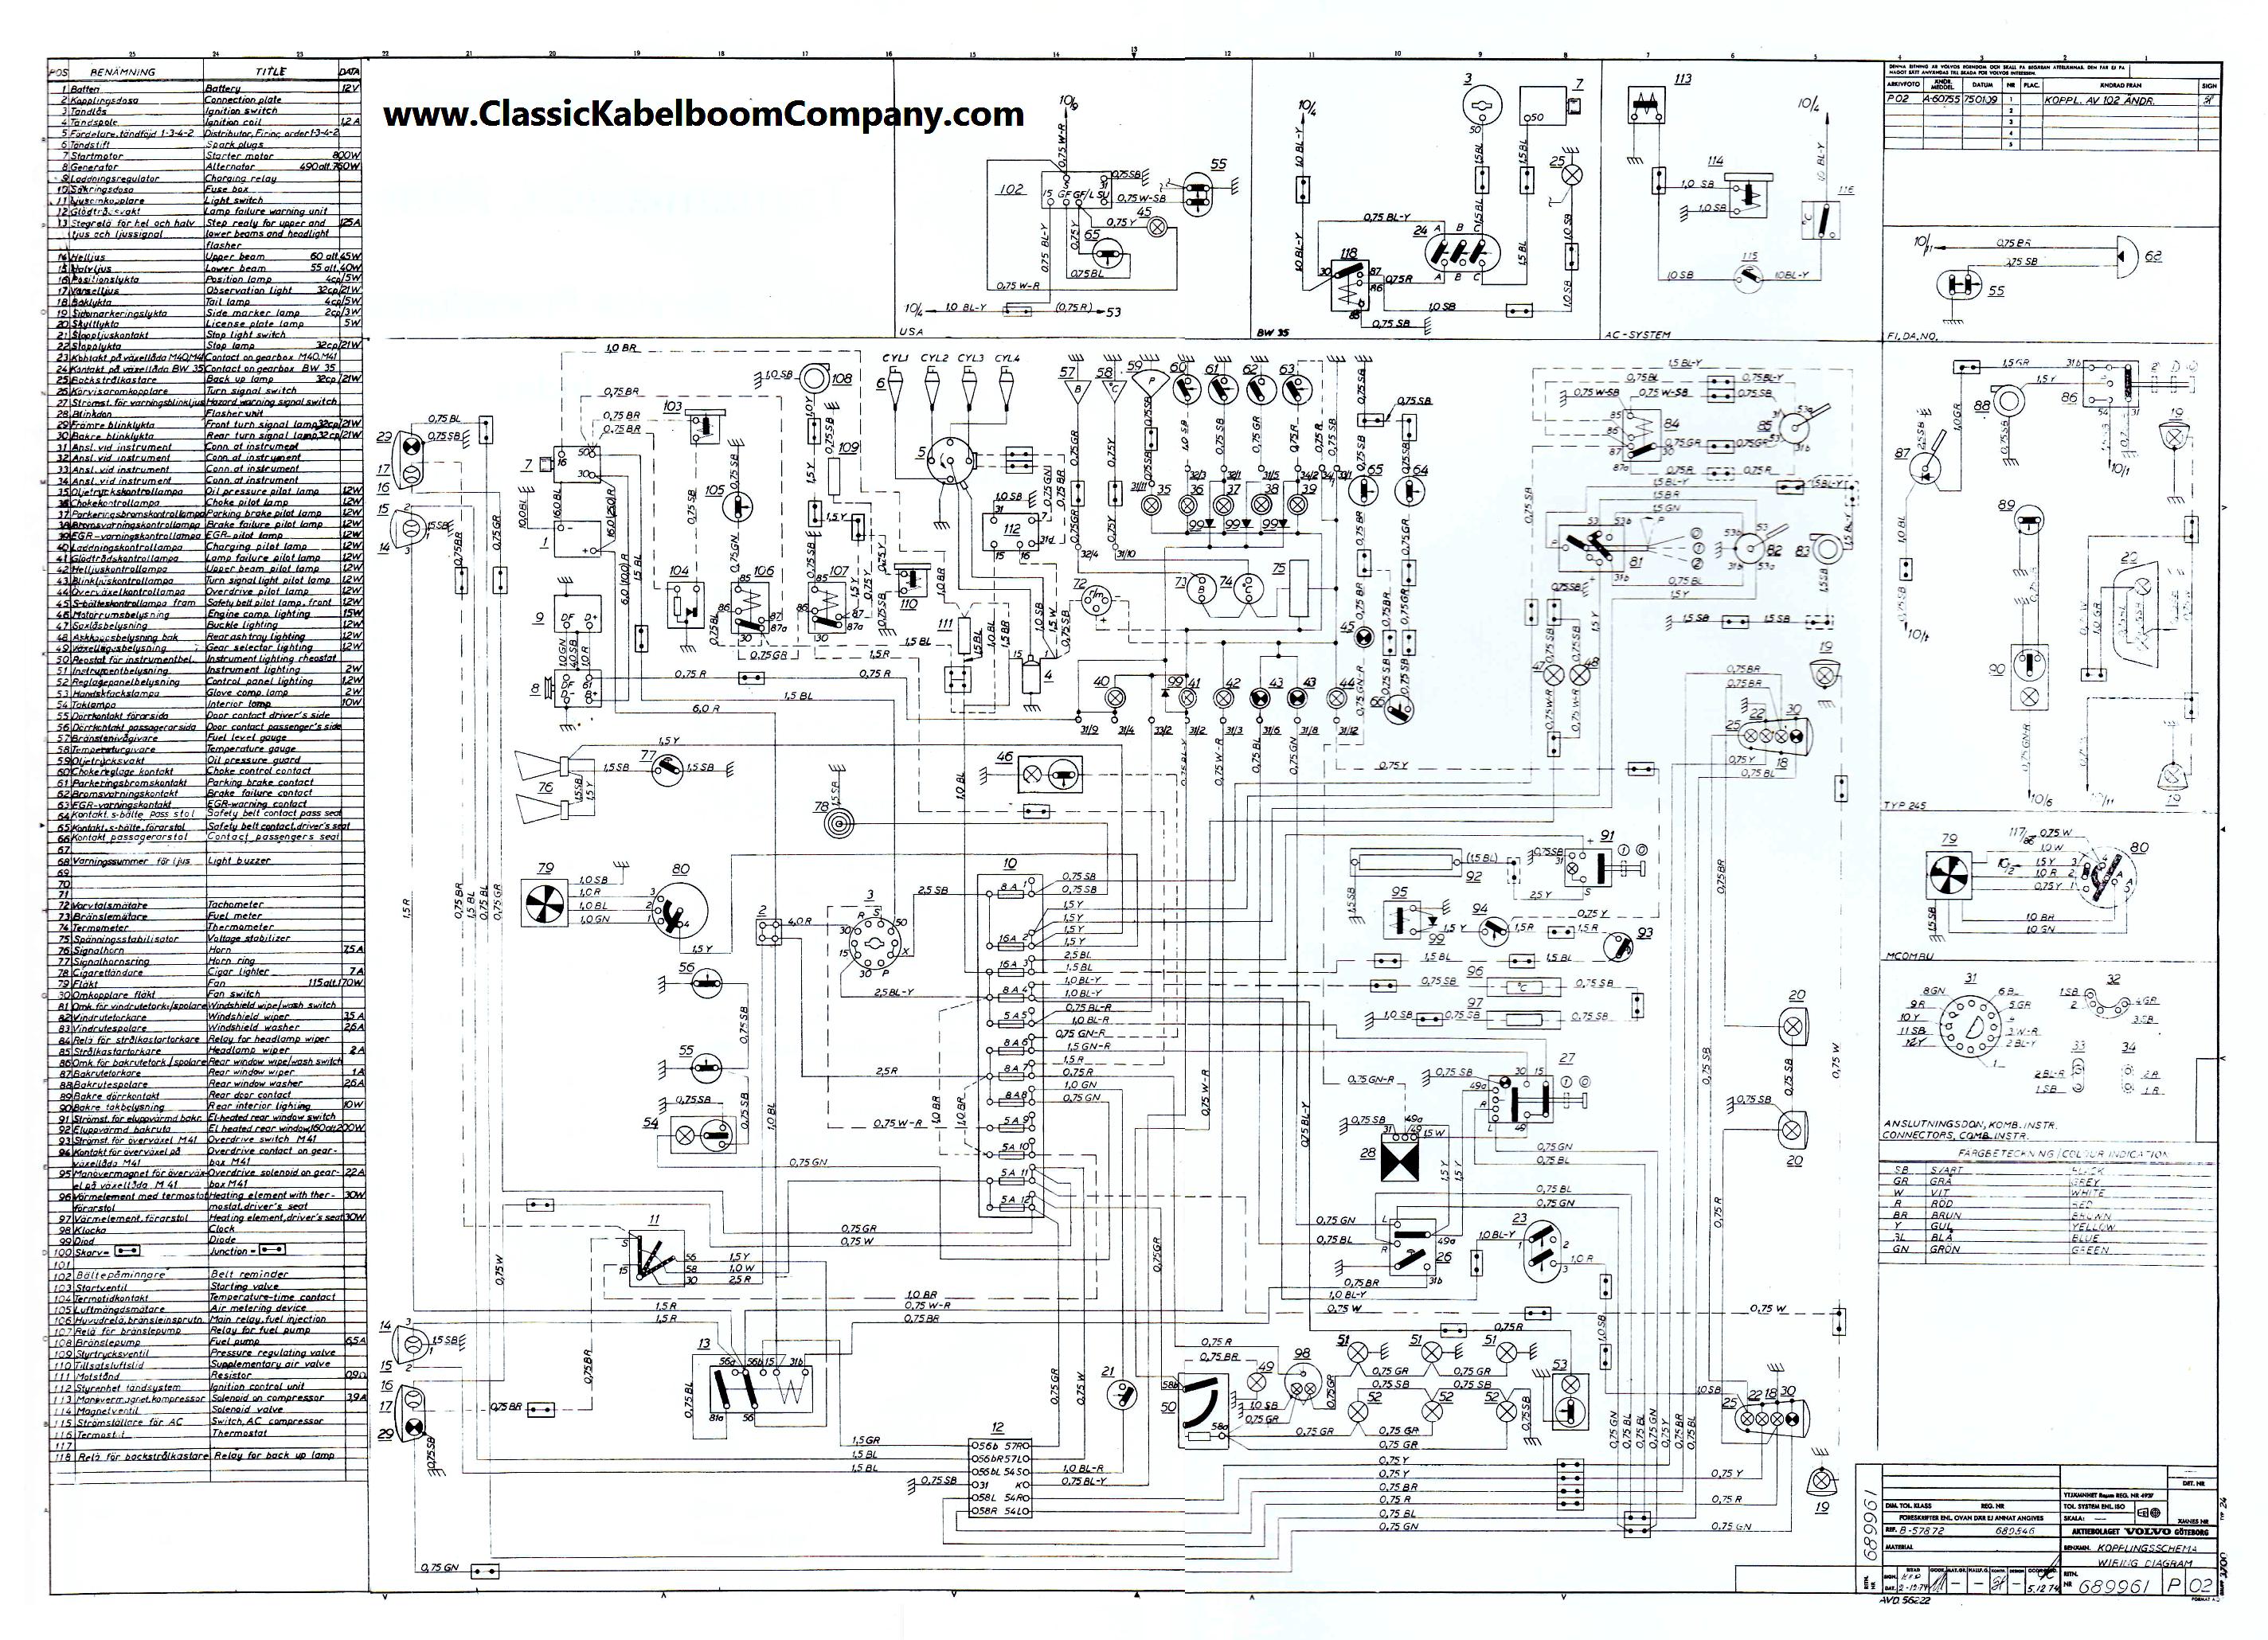 1974 Volvo P1800 Wiring Diagram - WIRING CENTER •